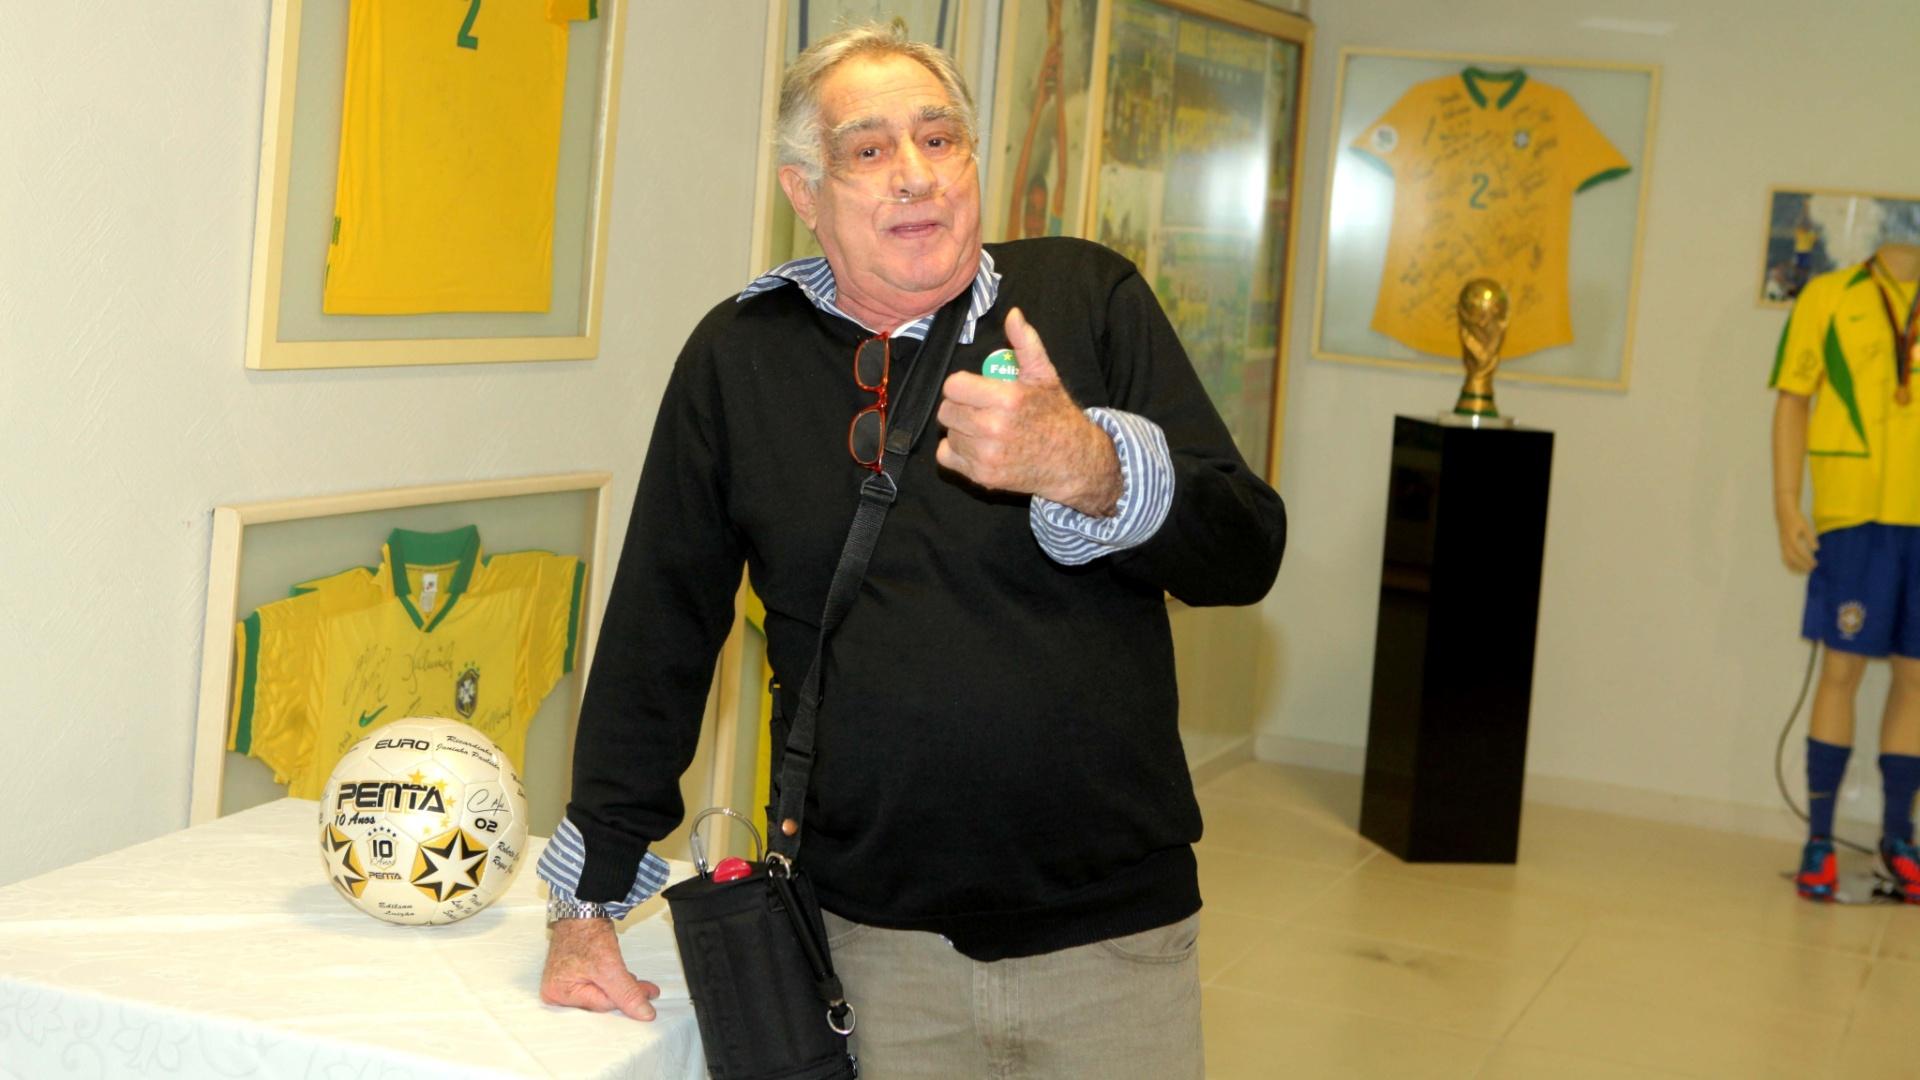 Ex-goleiro Félix participa de evento comemorativo dos 10 anos do pentacampeonato da seleção brasileira de futebol. Goleiro do Brasil na Copa de 1970, Félix morreu em 24 de agosto de 2012, aos 74 anos, por conta de uma doença pulmonar obstrutiva crônica agravada por pneumonia